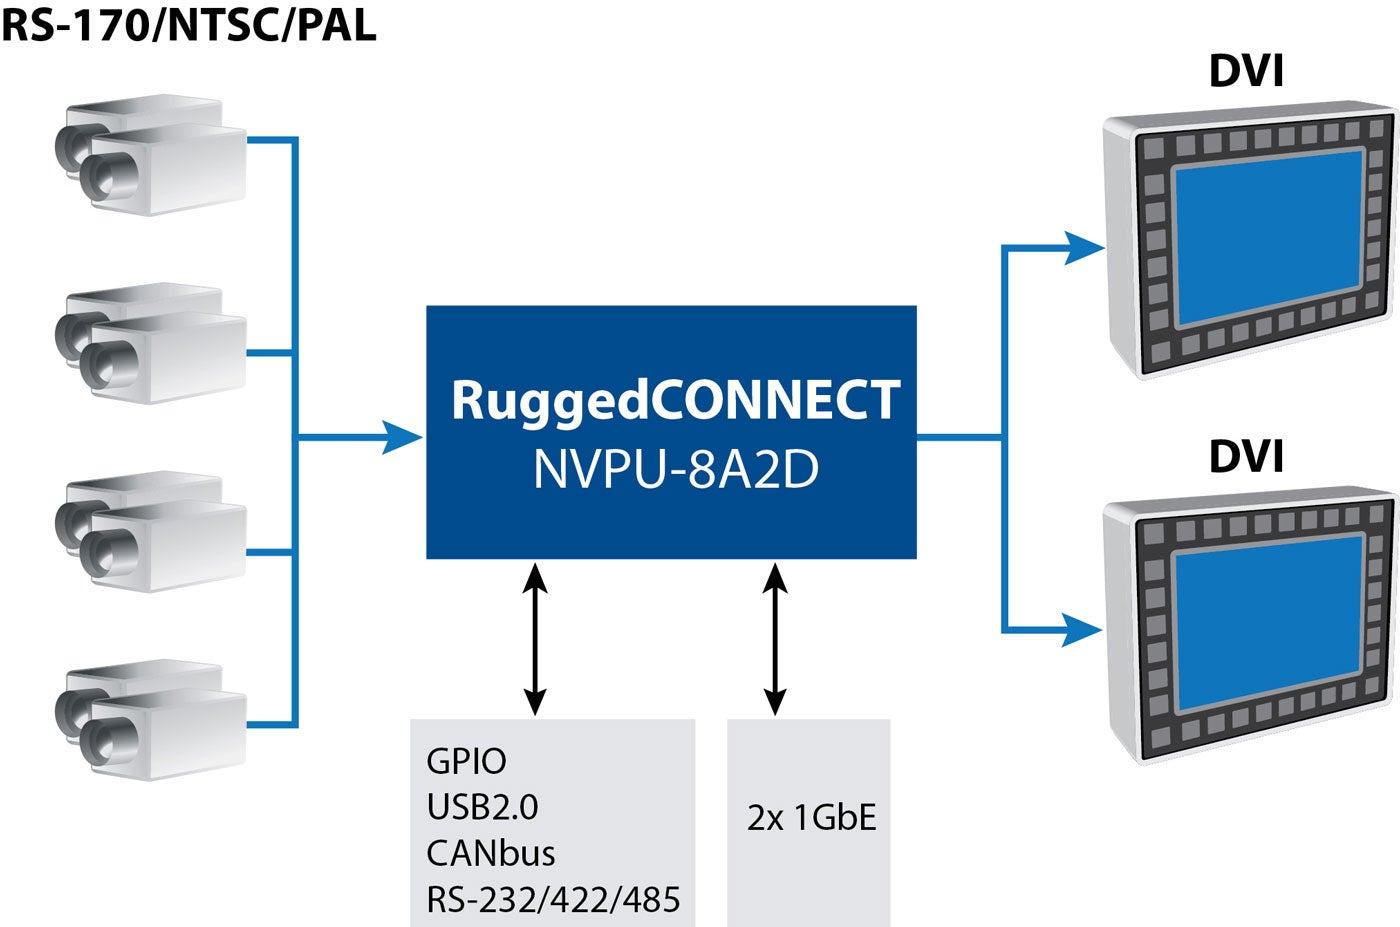 Rugged_Diagram-NVPU-8A2D-1